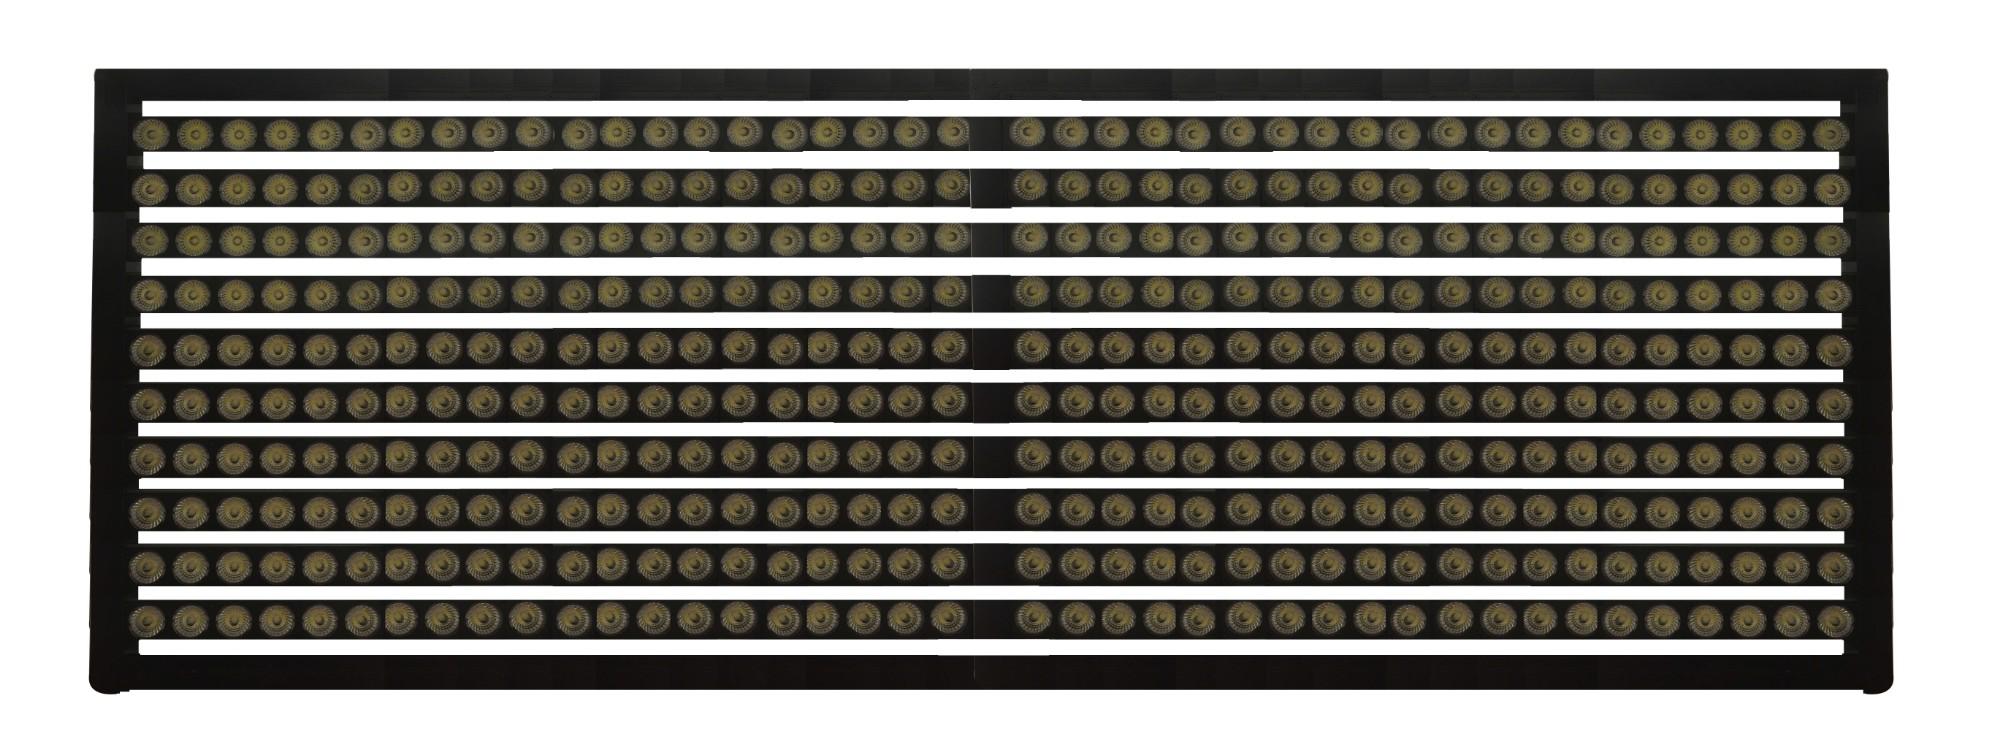 شراء 4000W 240 فولت الأضواء الكاشفة بقيادة ,4000W 240 فولت الأضواء الكاشفة بقيادة الأسعار ·4000W 240 فولت الأضواء الكاشفة بقيادة العلامات التجارية ,4000W 240 فولت الأضواء الكاشفة بقيادة الصانع ,4000W 240 فولت الأضواء الكاشفة بقيادة اقتباس ·4000W 240 فولت الأضواء الكاشفة بقيادة الشركة